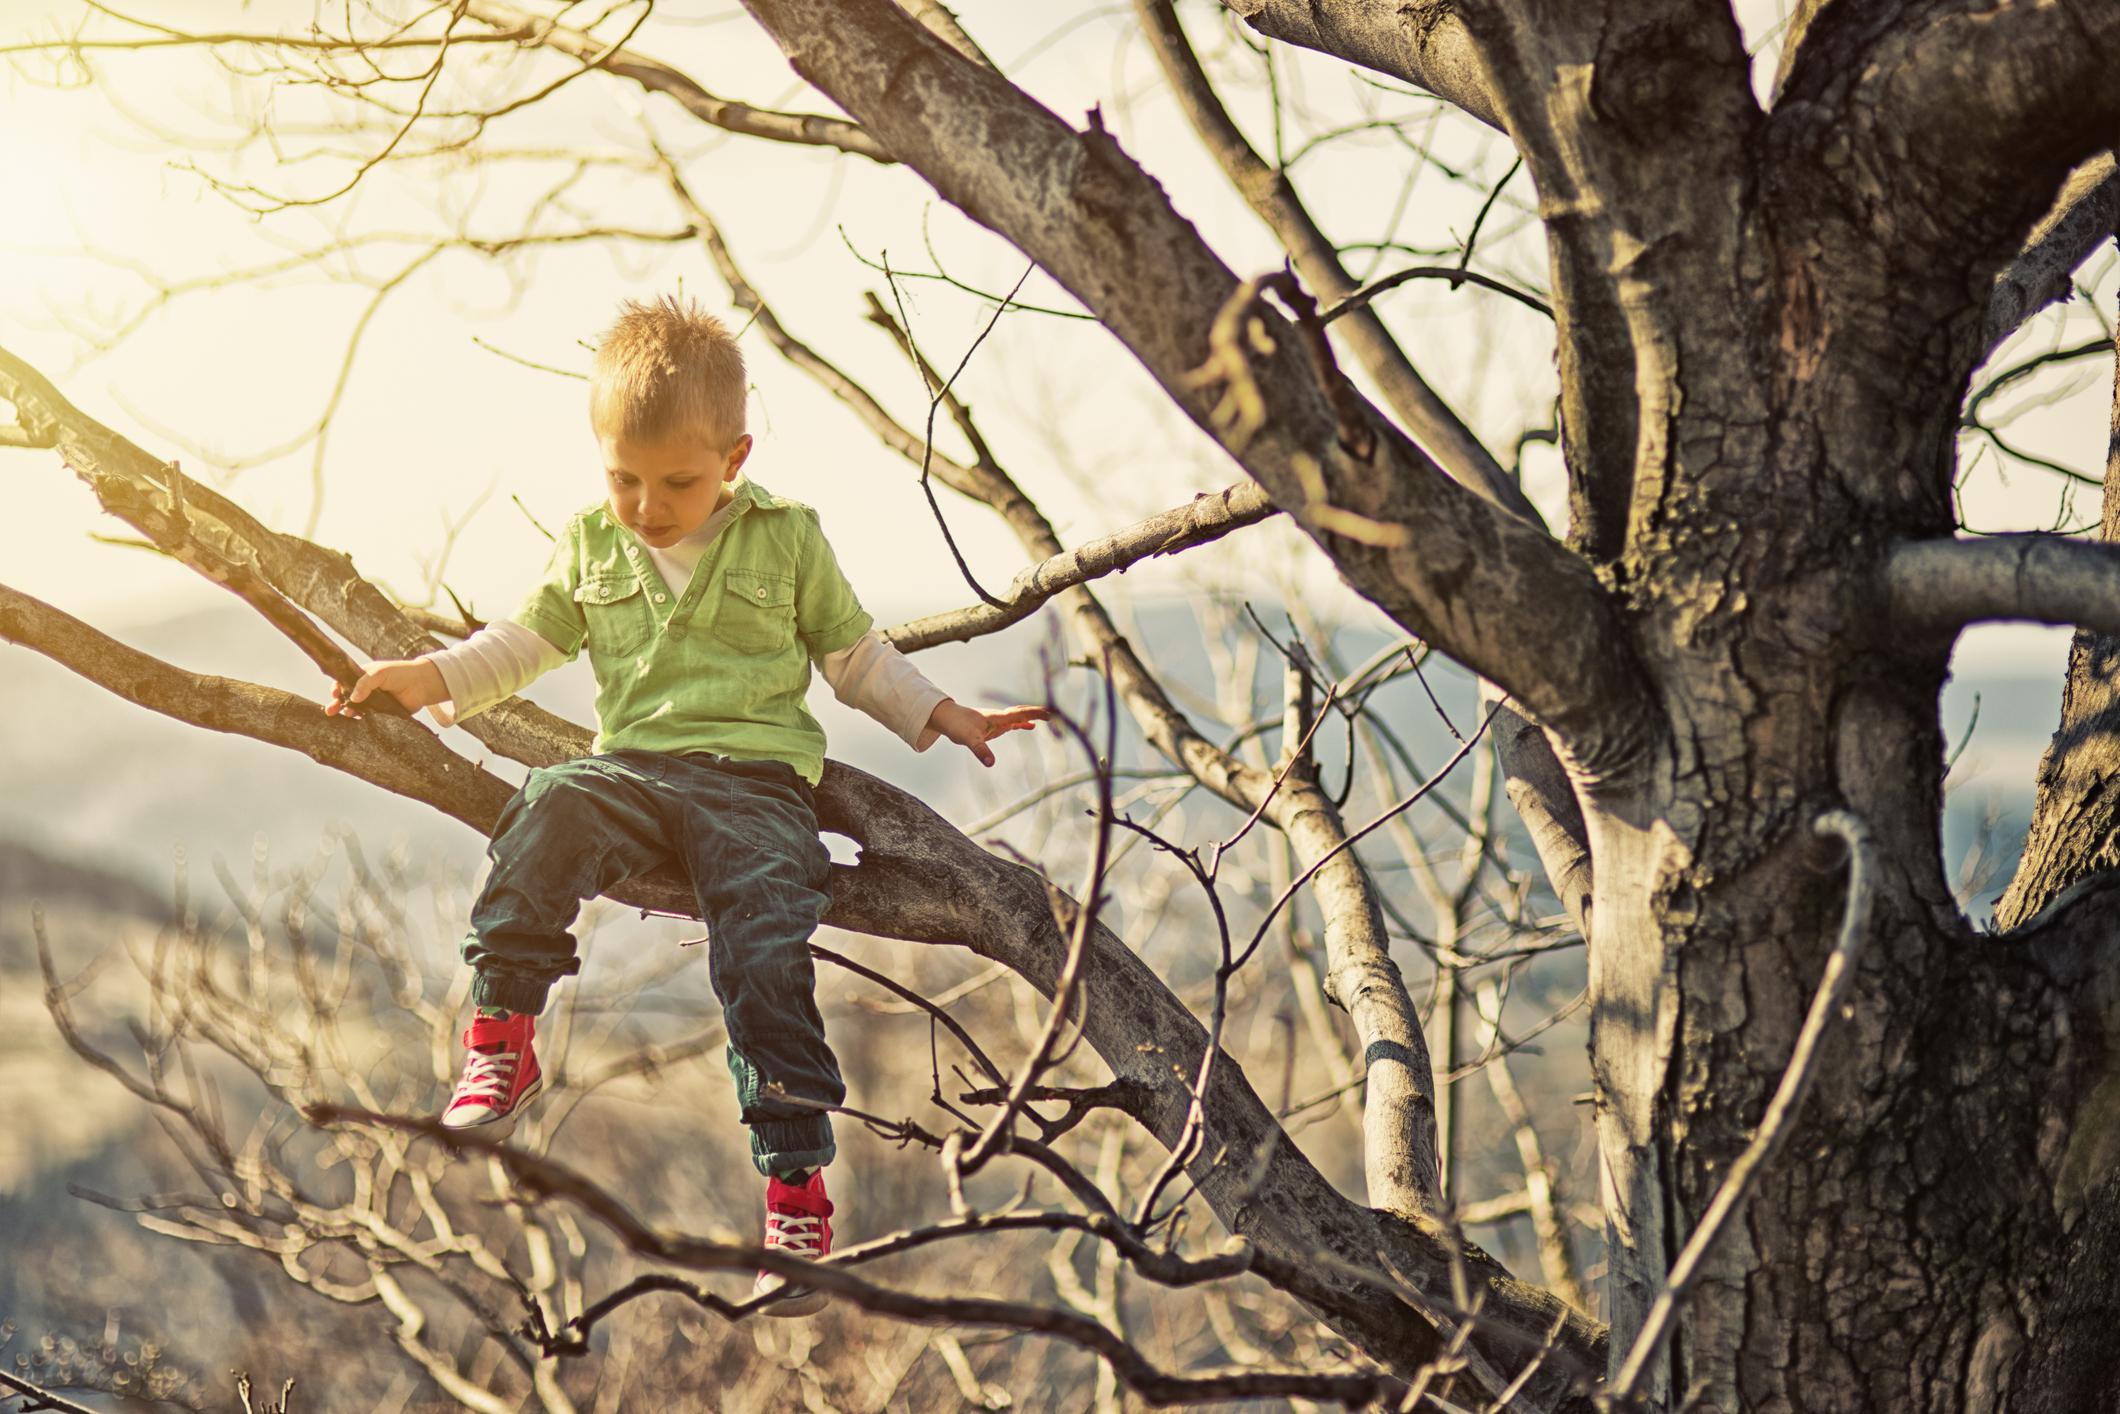 The Reason Kids Climb Trees – The Wisdom Daily